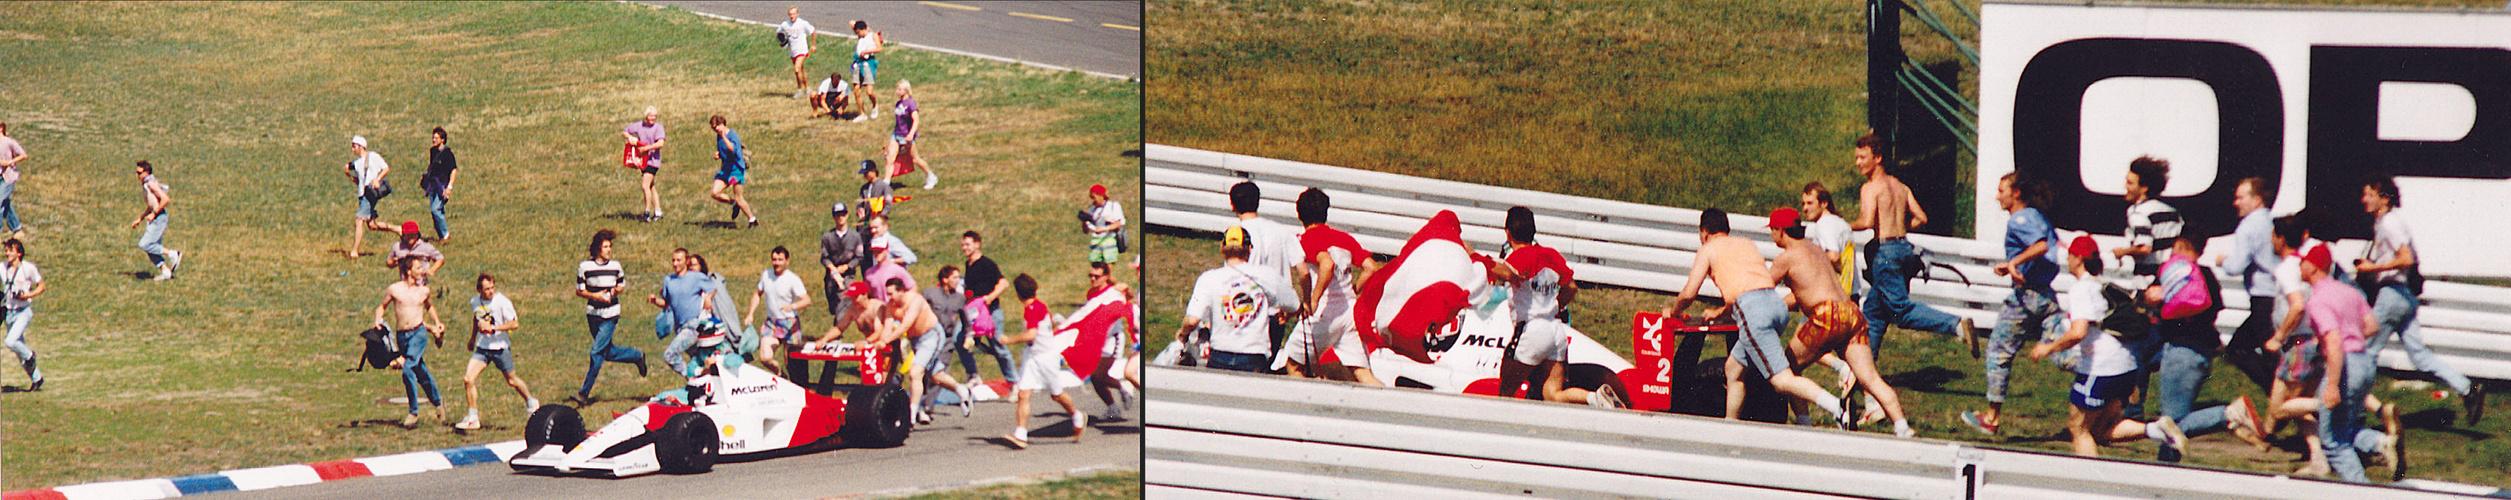 Gerhard Berger und seine schiebenden Fans